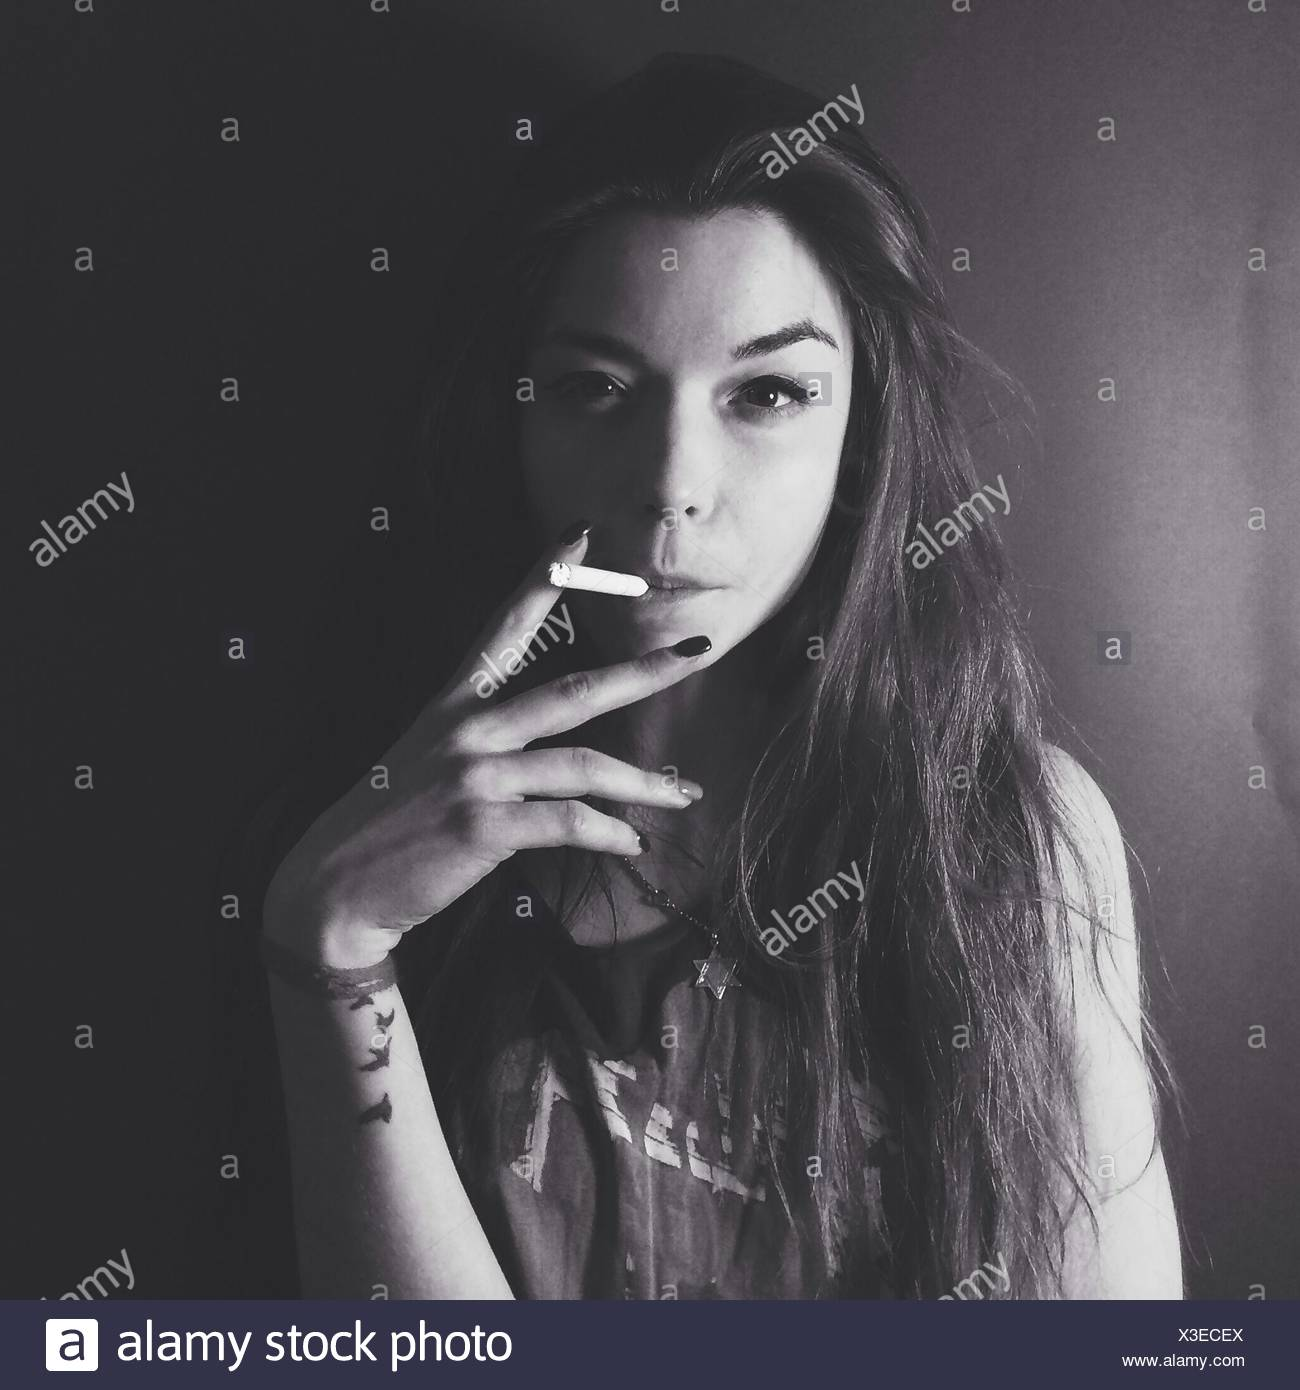 Woman Attitude Cigarette Stock Photos Woman Attitude Cigarette